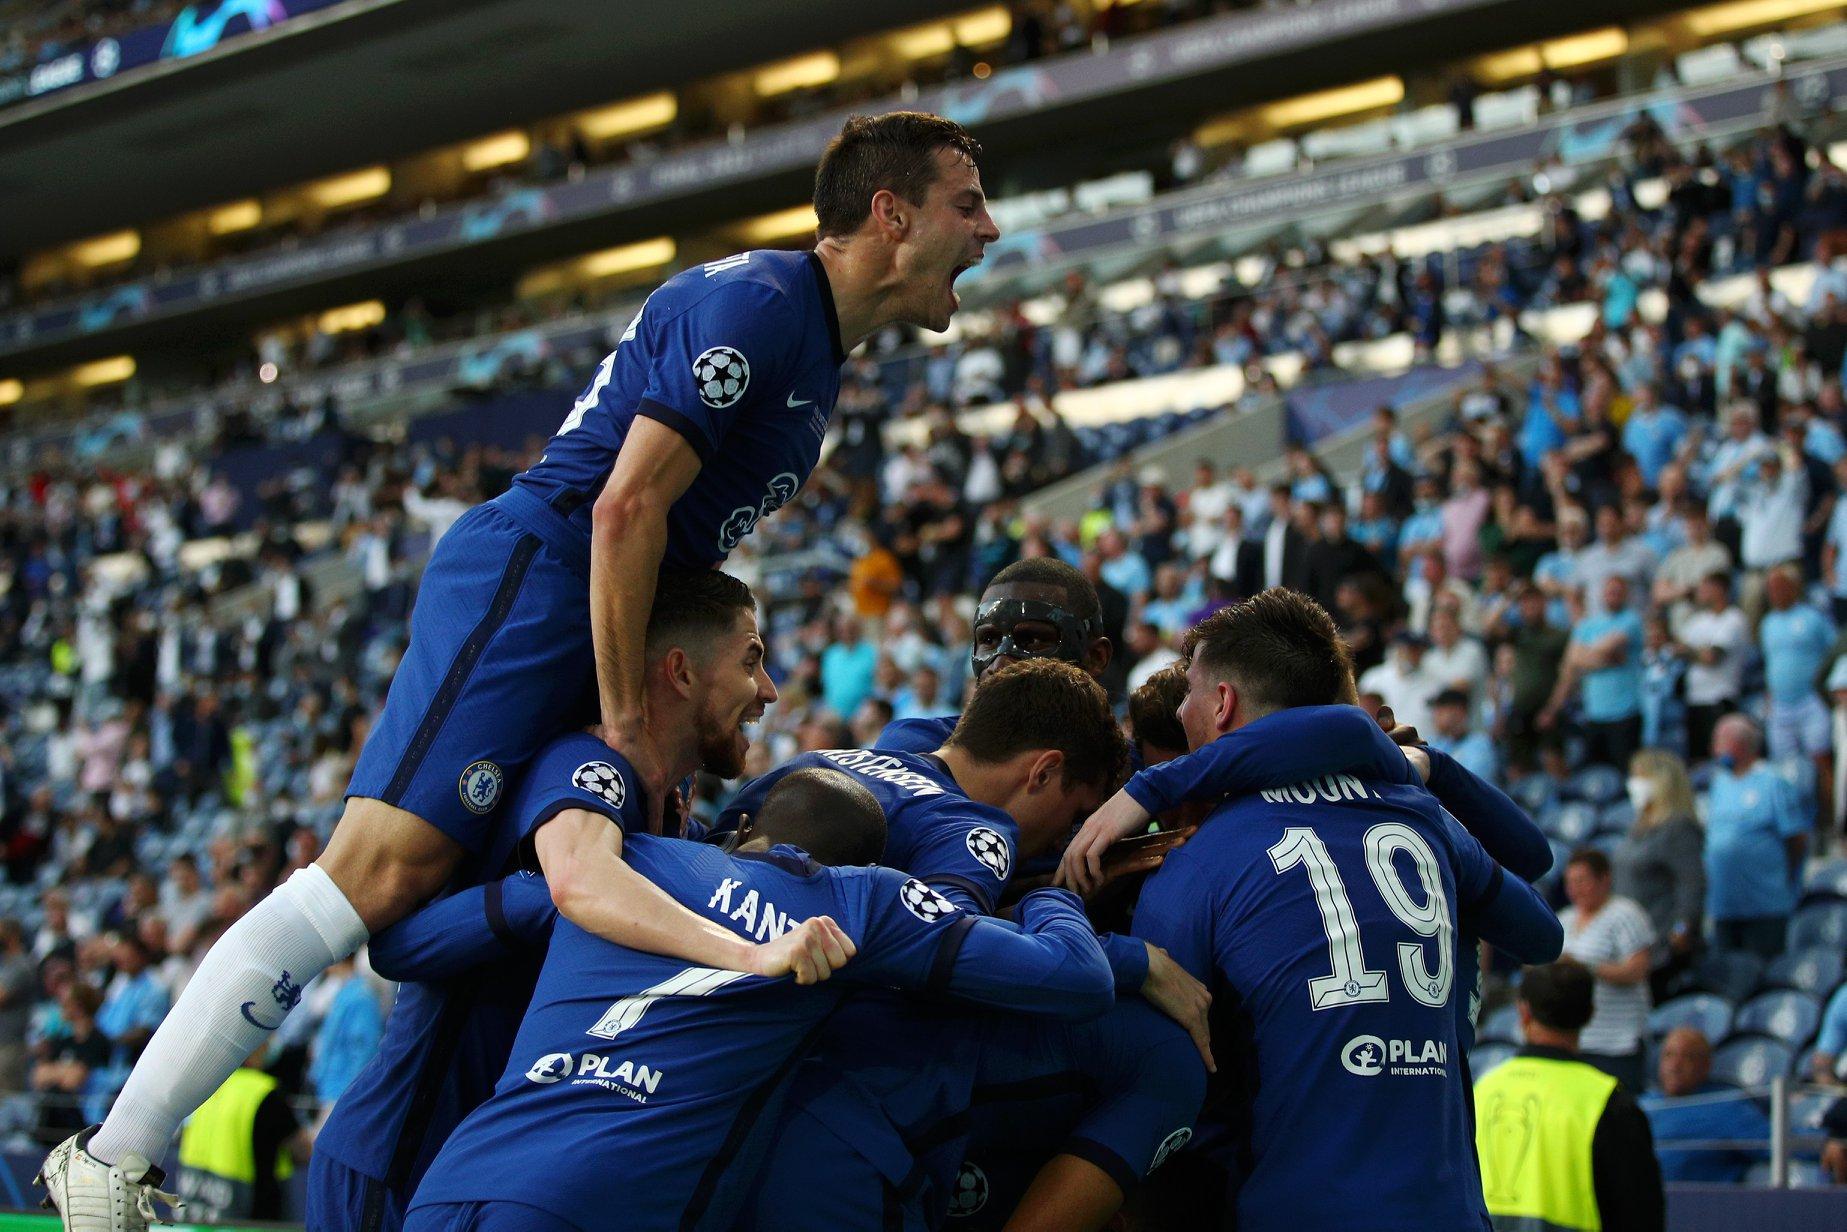 Con 16.500 espectadores se juega la final de la Champions League 8